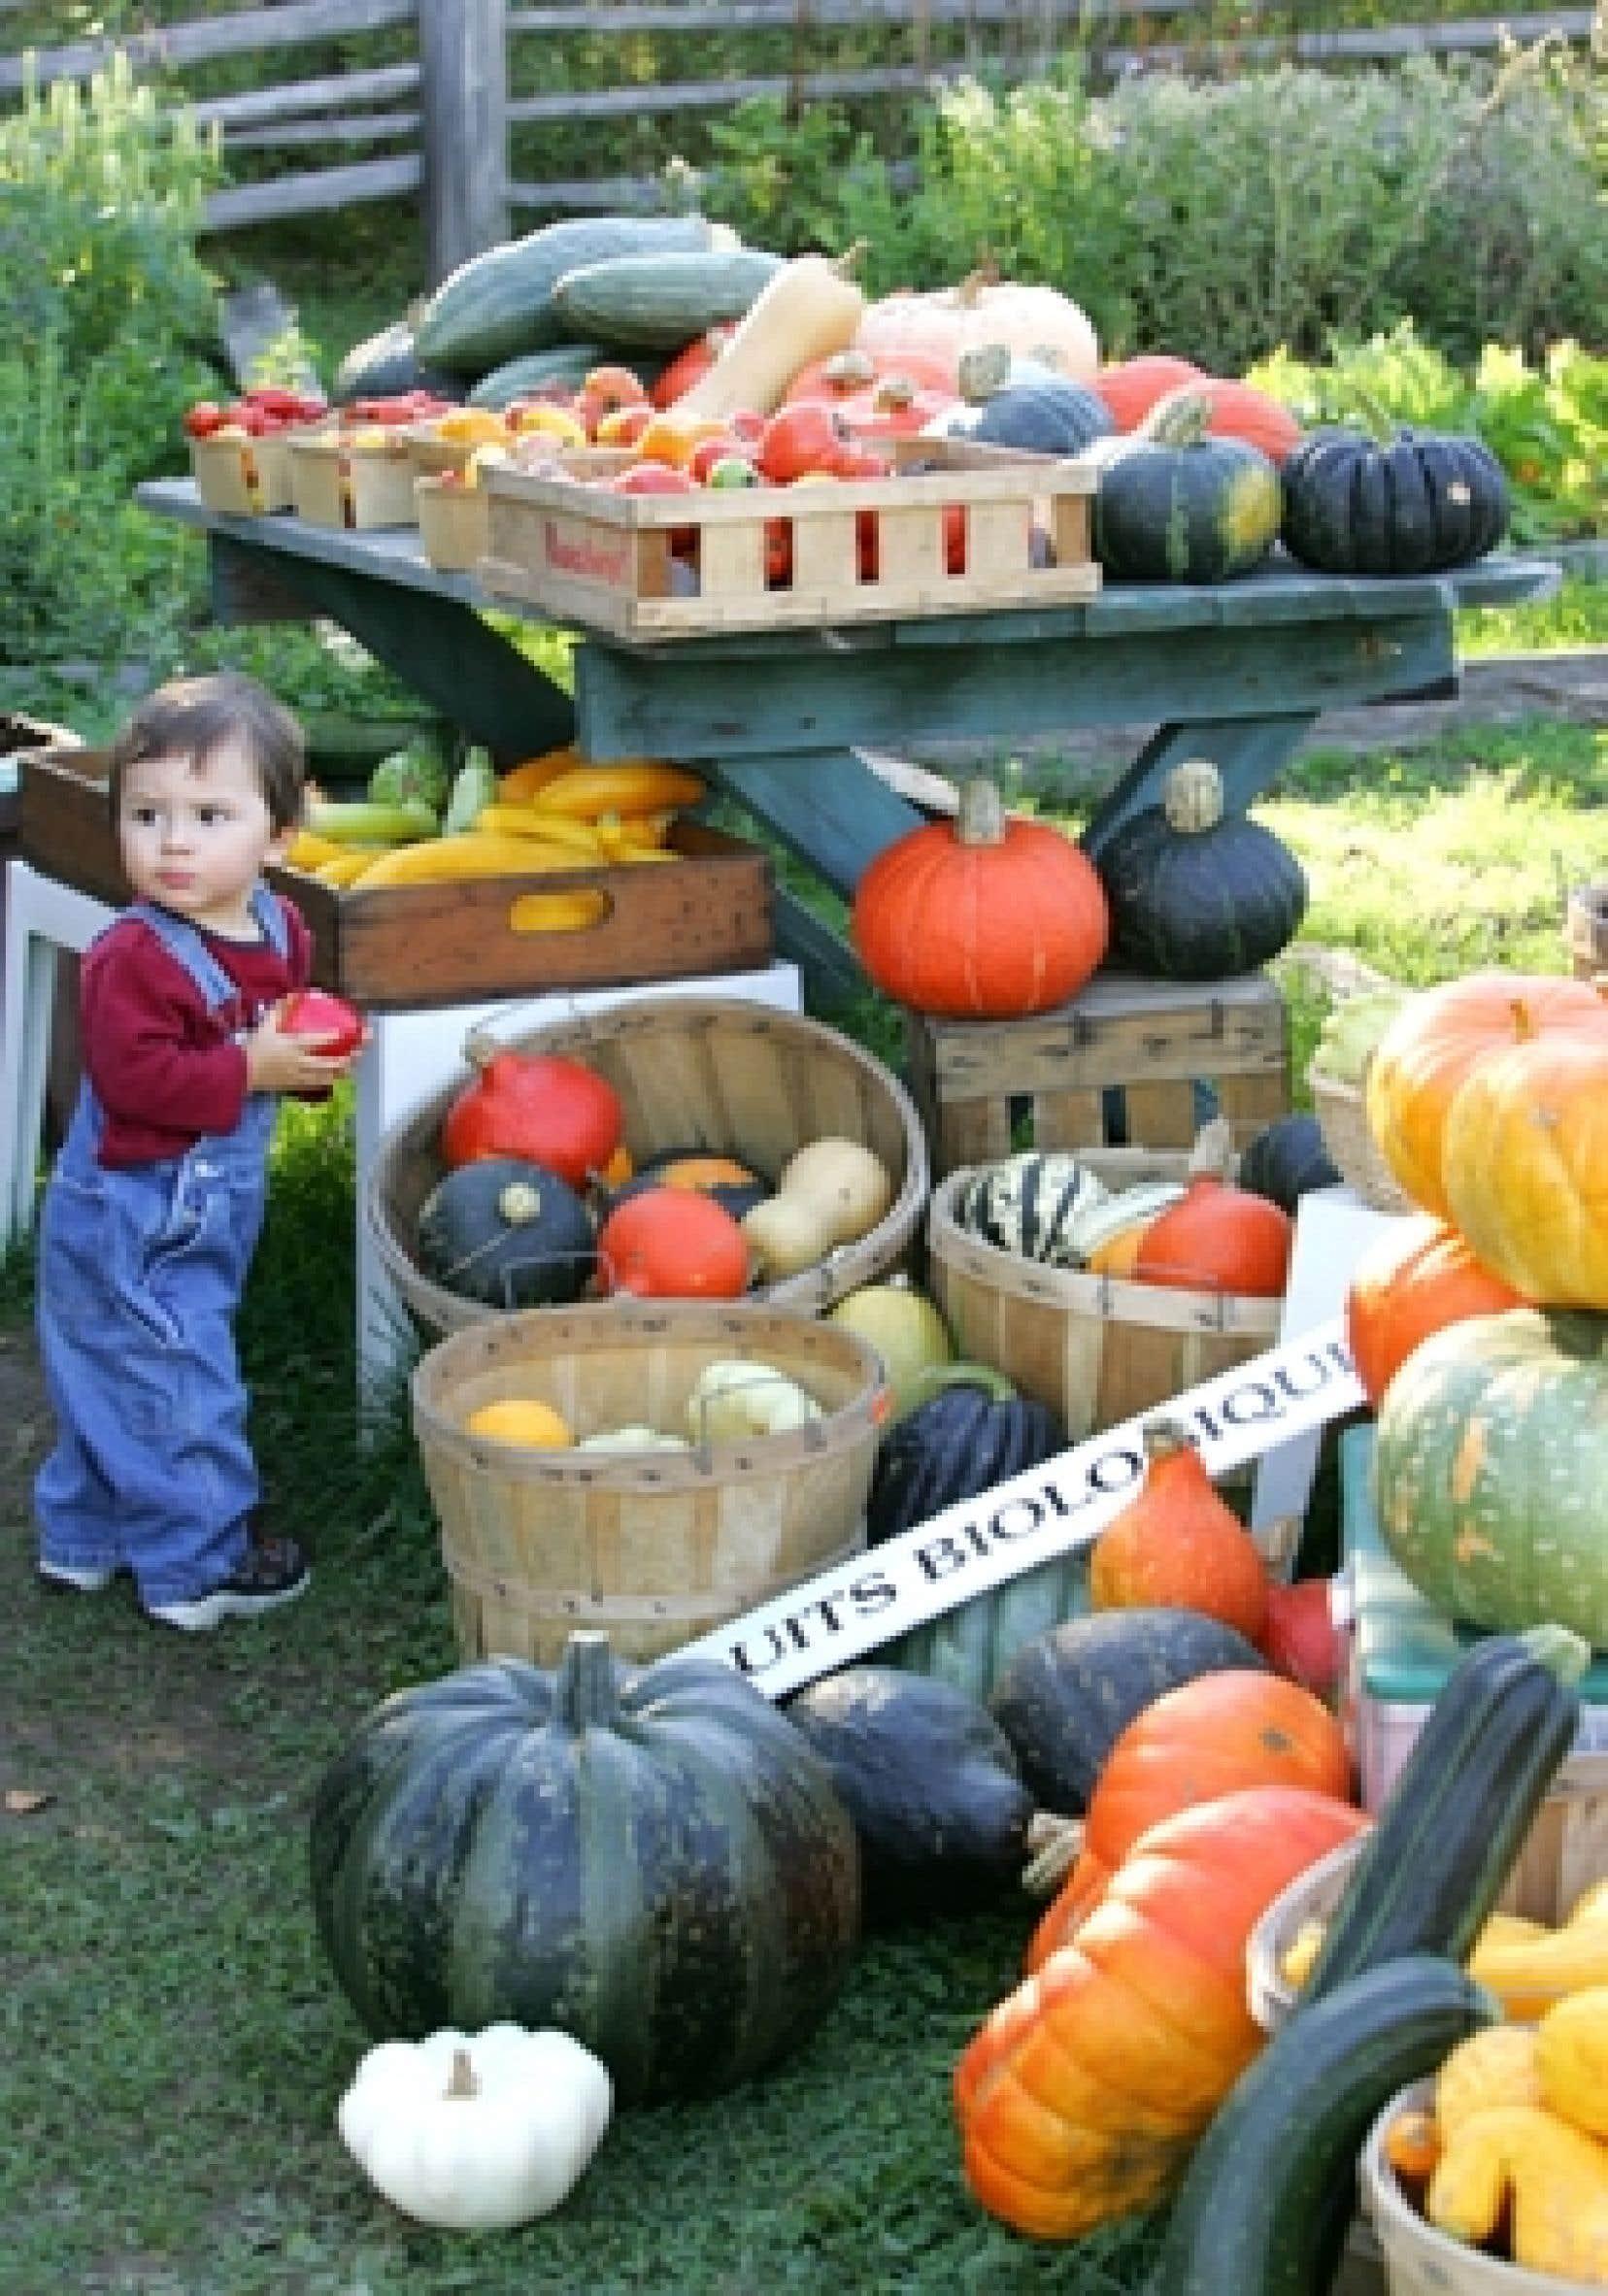 Pour mettre en marché des aliments avec l'attribut «biologique», commerçants, agriculteurs ou restaurateurs doivent posséder une certification délivrée par un des organismes reconnus par Québec.